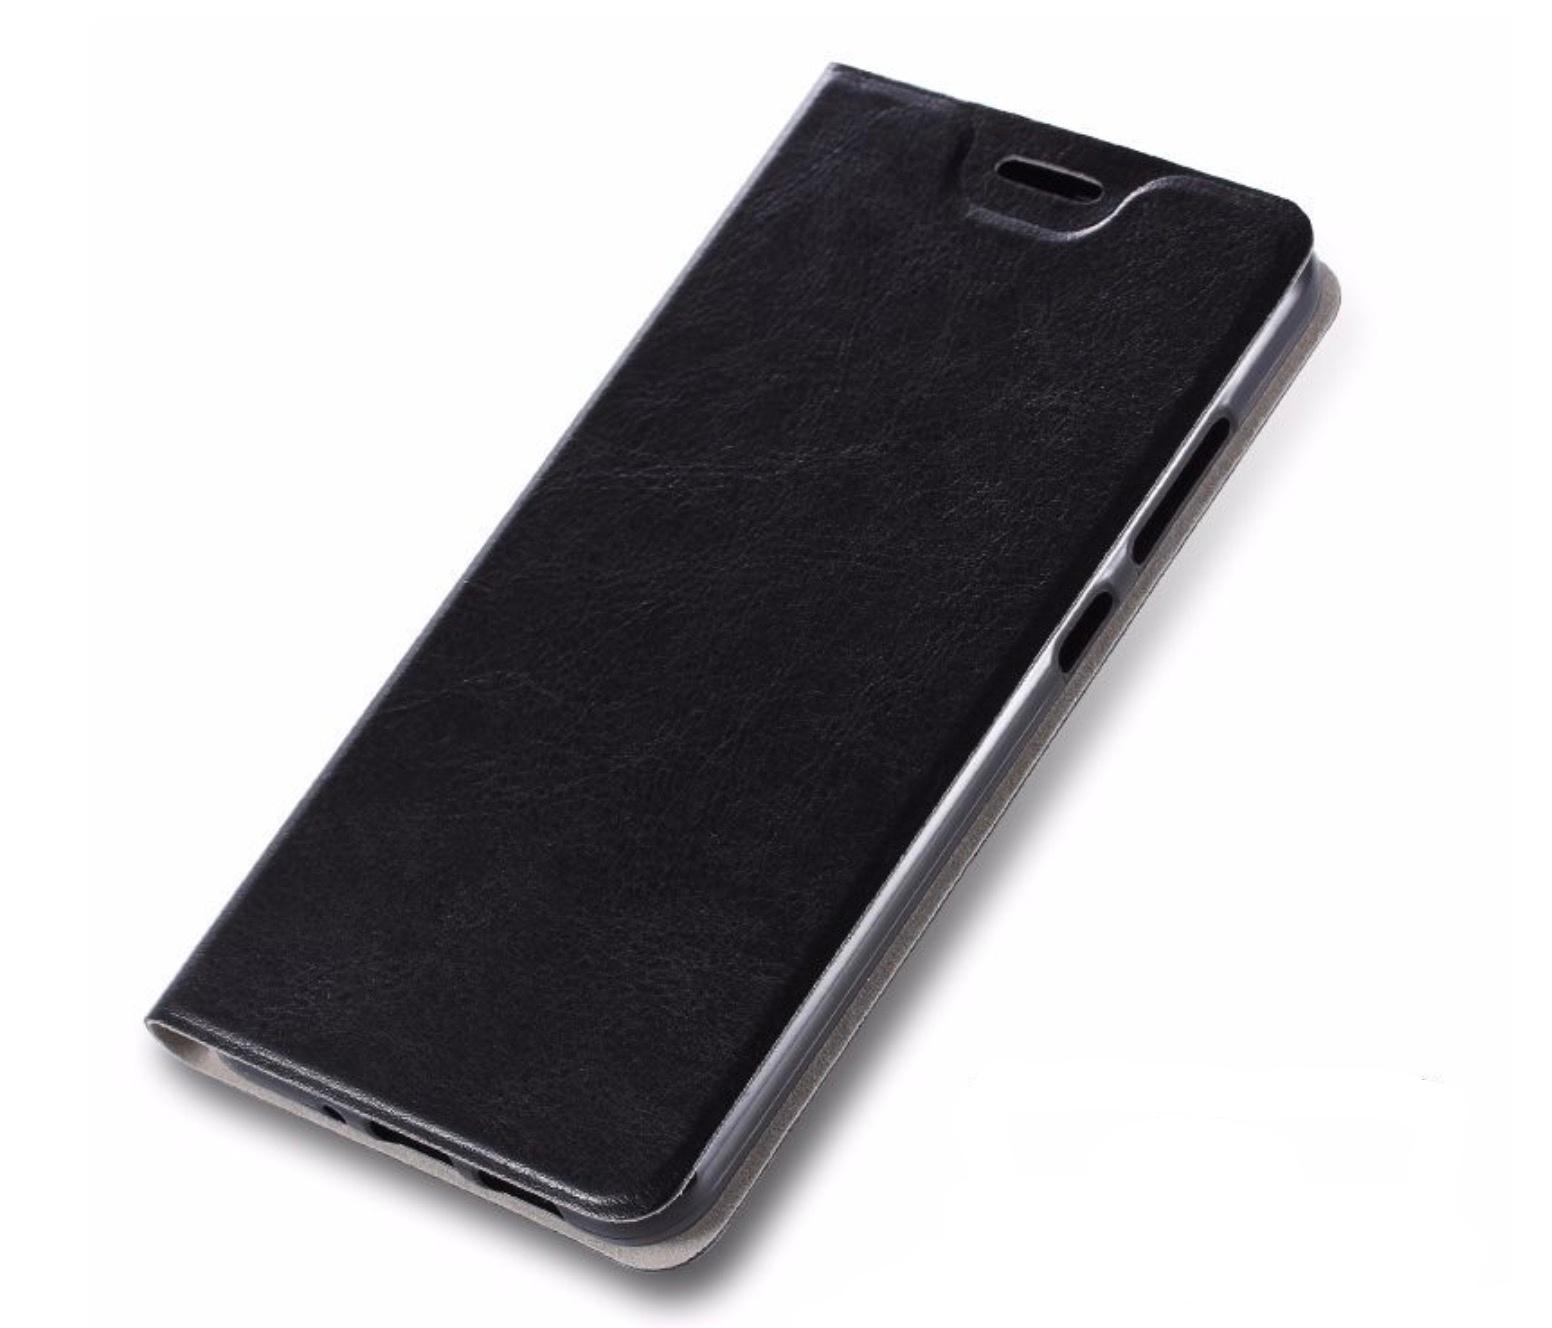 Чехол-книжка MyPads для Huawei Ascend G700 Honor Duos водоотталкивающий с мульти-подставкой на жёсткой металлической основе черный